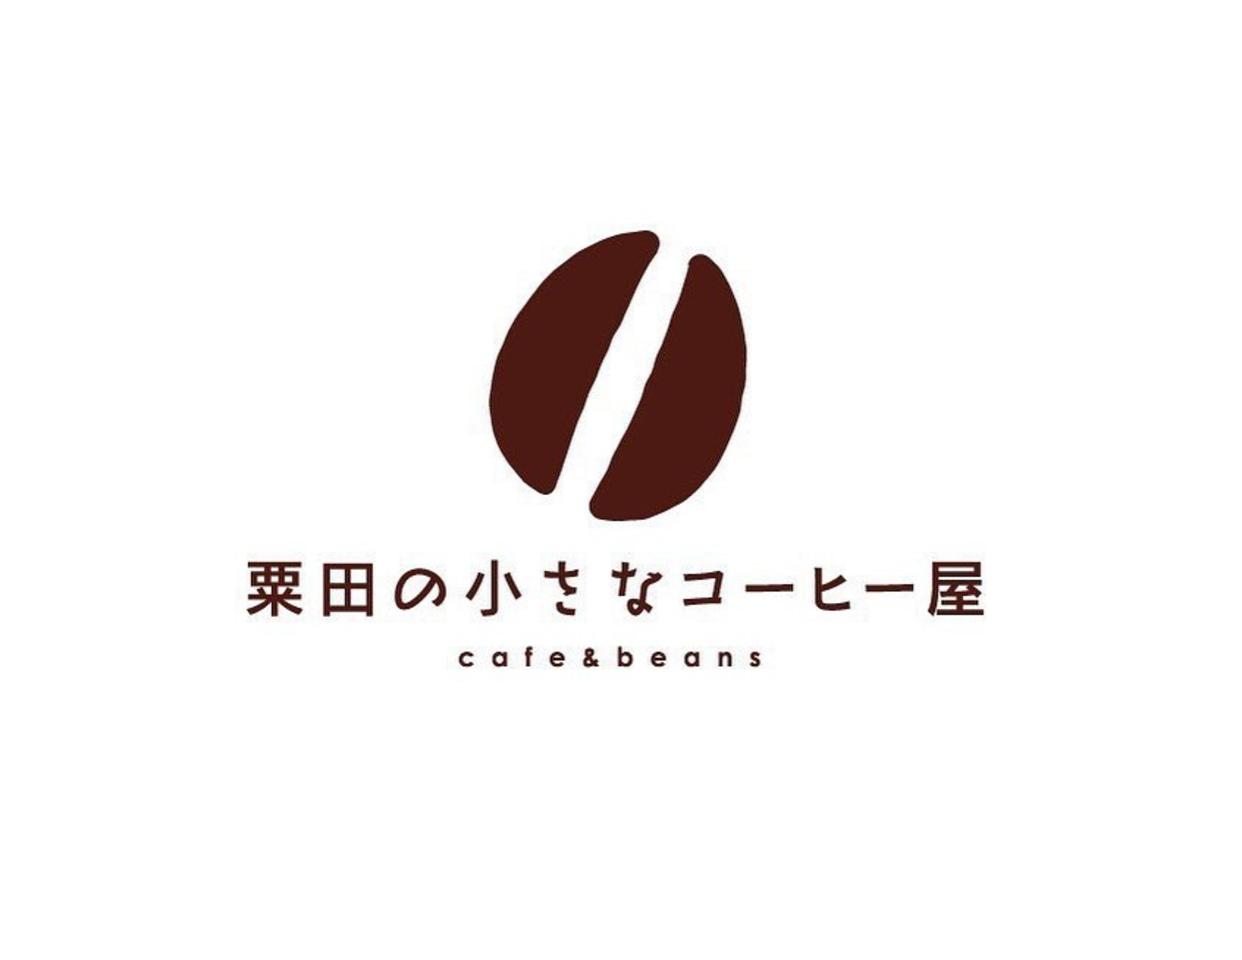 自家焙煎コーヒーとコッペパン。。石川県野々市市粟田1丁目に『粟田の小さなコーヒー屋』オープン